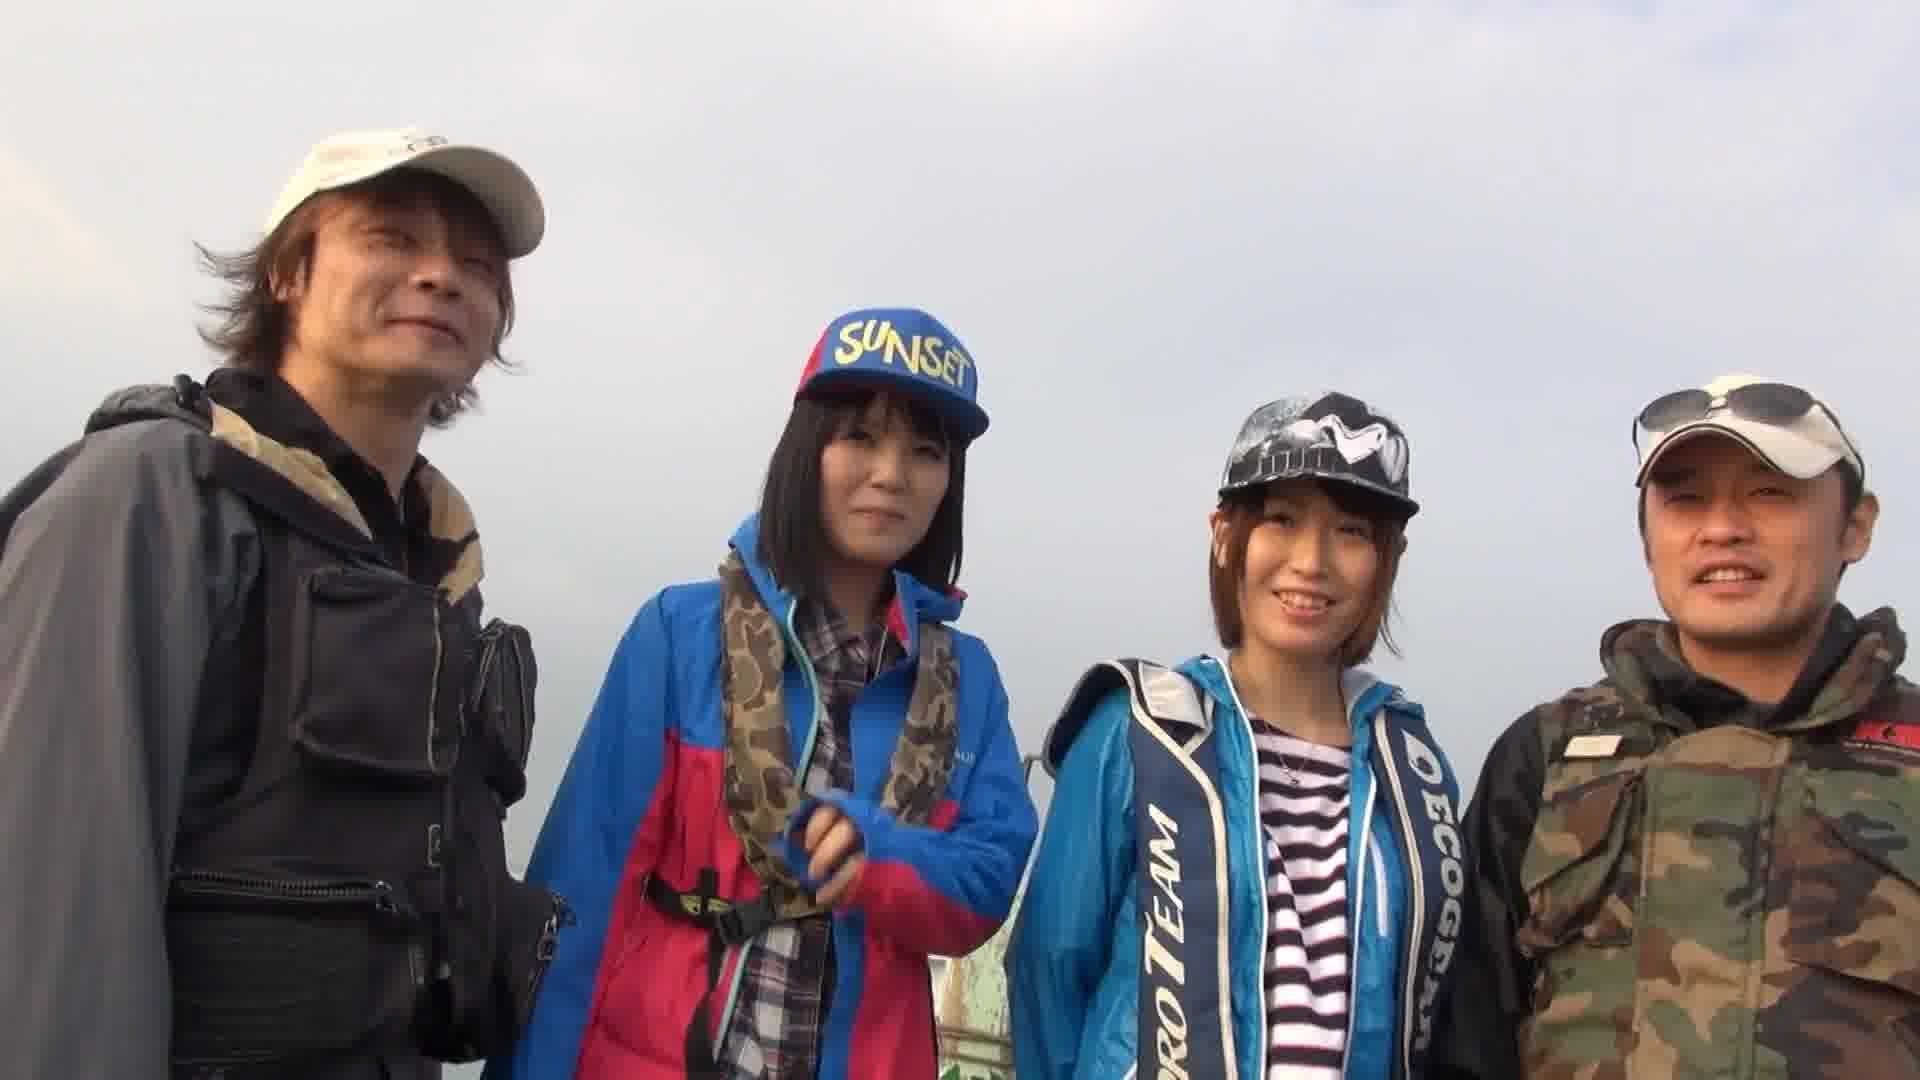 AVプロダクション対抗チキチキ海釣り大会 PART2 - 桜瀬奈【乱交・潮吹き・野外露出】